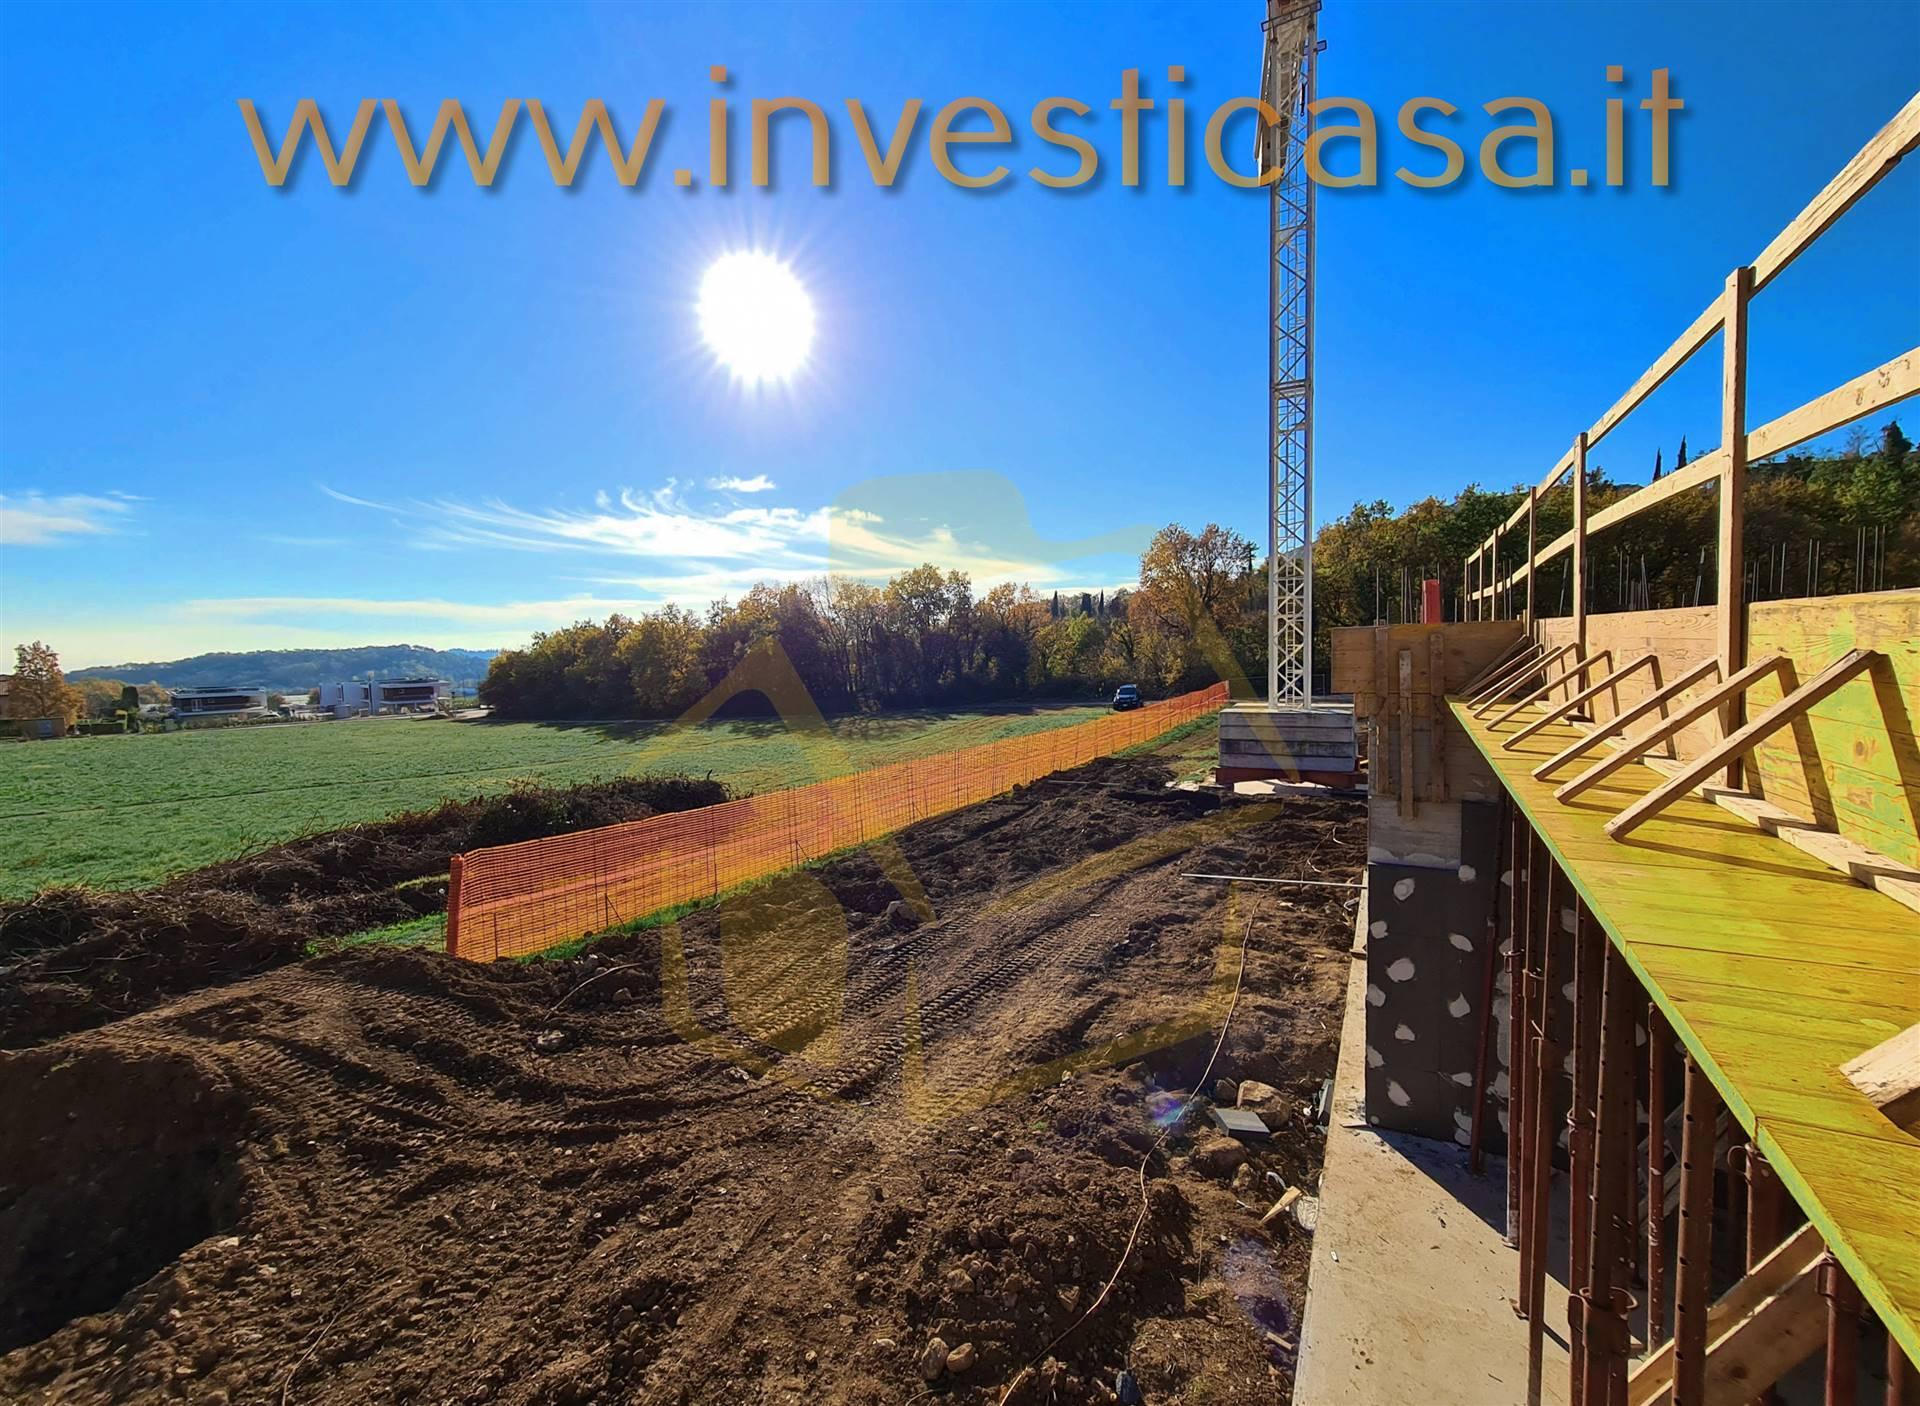 Villa a Schiera in vendita a Costermano, 4 locali, zona Località: CASTION VERONESE, prezzo € 290.000 | CambioCasa.it